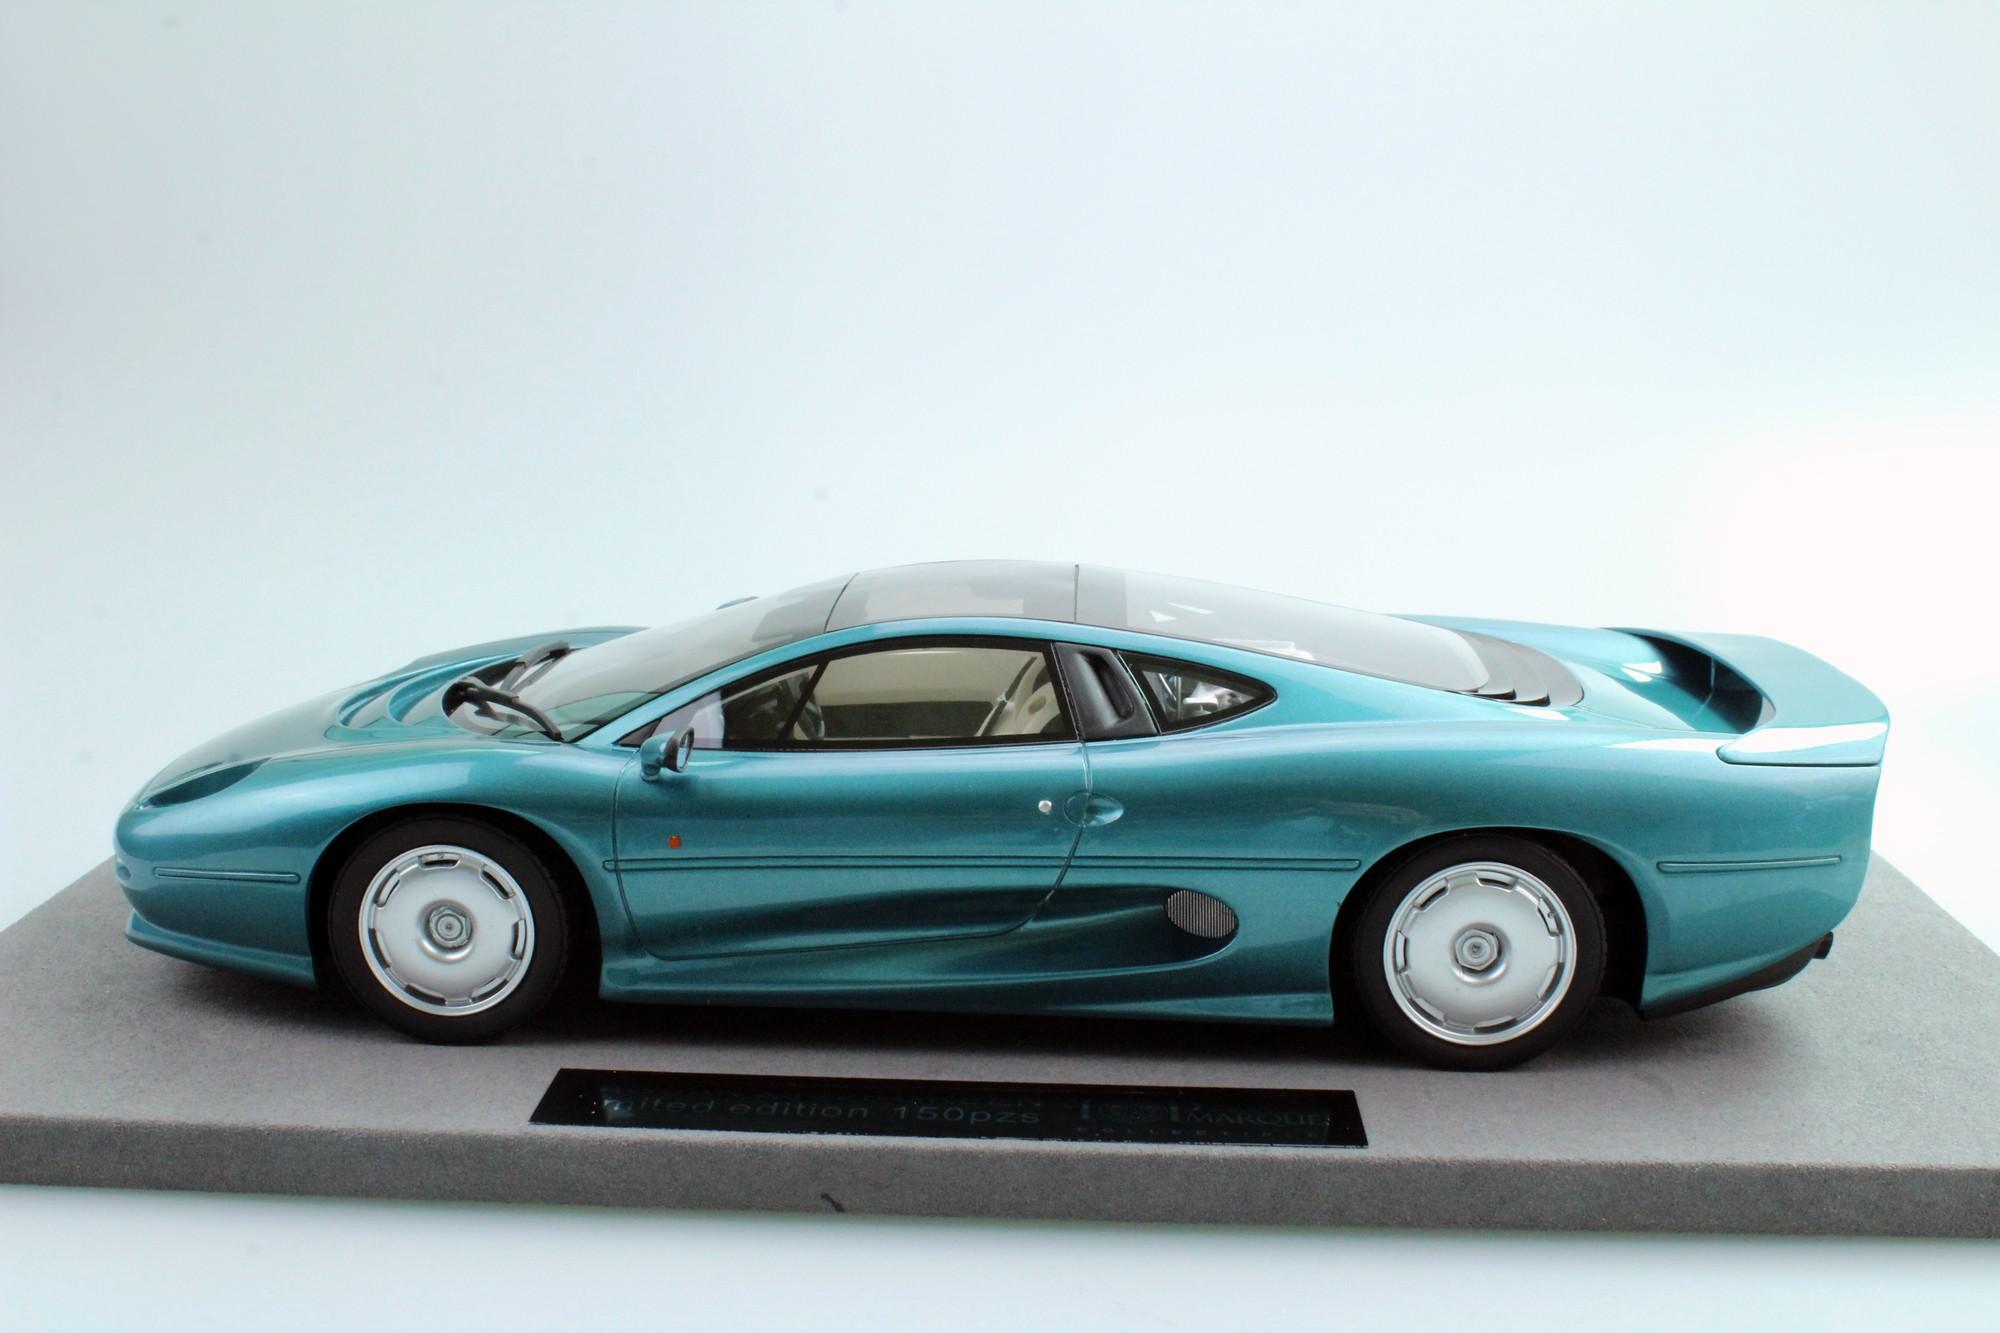 Top Marques Collectibles Jaguar XJ220, 1:18 green | TOP39A